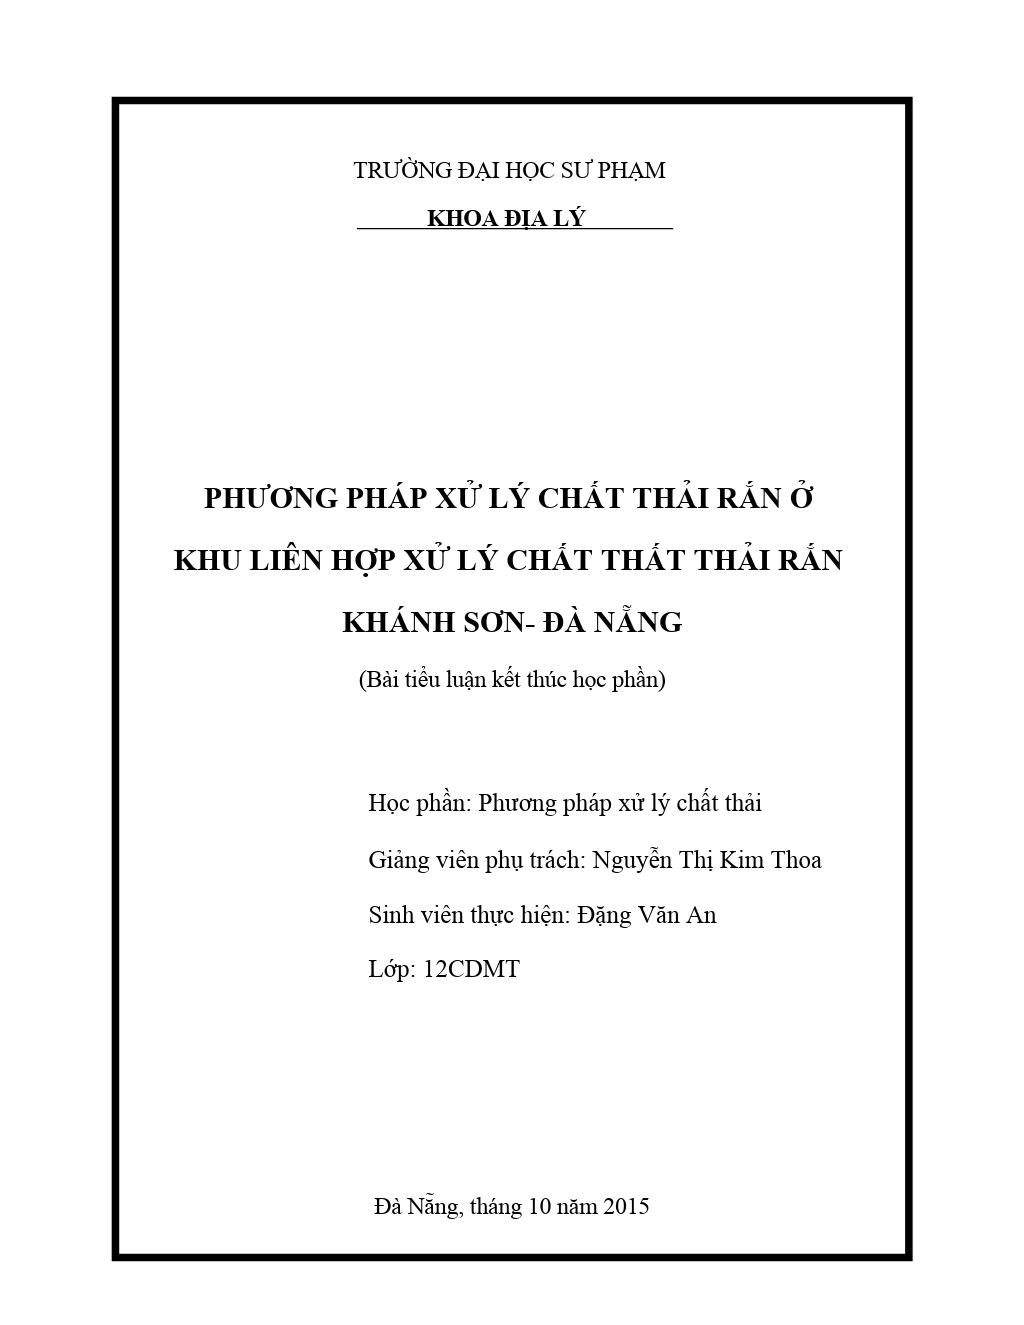 Bài tiểu luận: Phương pháp xử lý chất thải rắn ở khu liên hợp xử lý chất thất thải rắn Khánh Sơn - Đà Nẵng